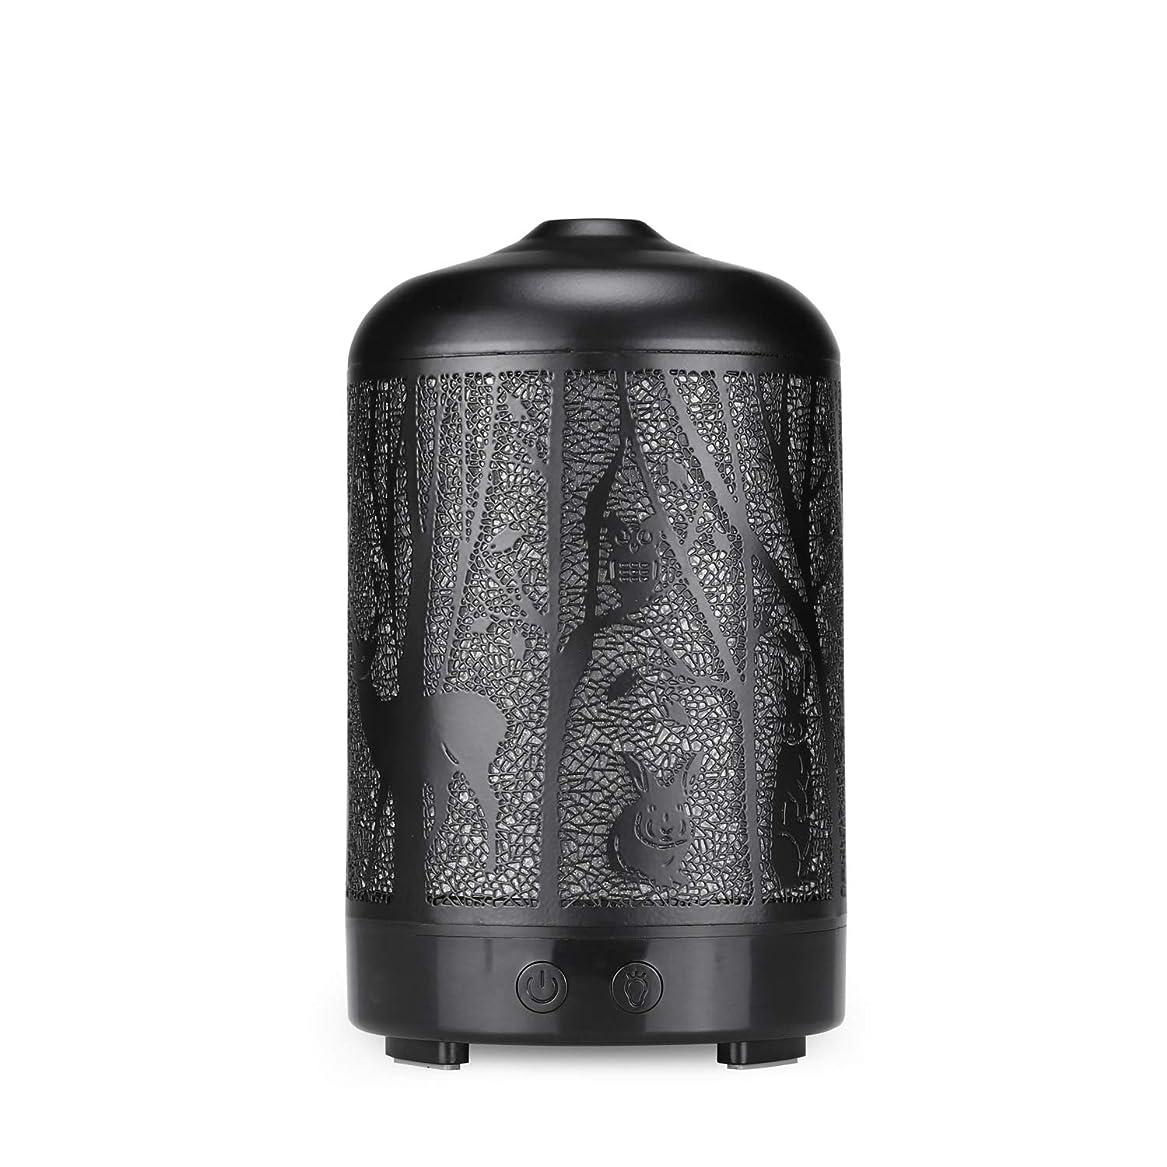 ご注意寄生虫アダルトエッセンシャルオイルディフューザー、100 ml超音波金属ディアーアロマセラピー香り油拡散気化器加湿器